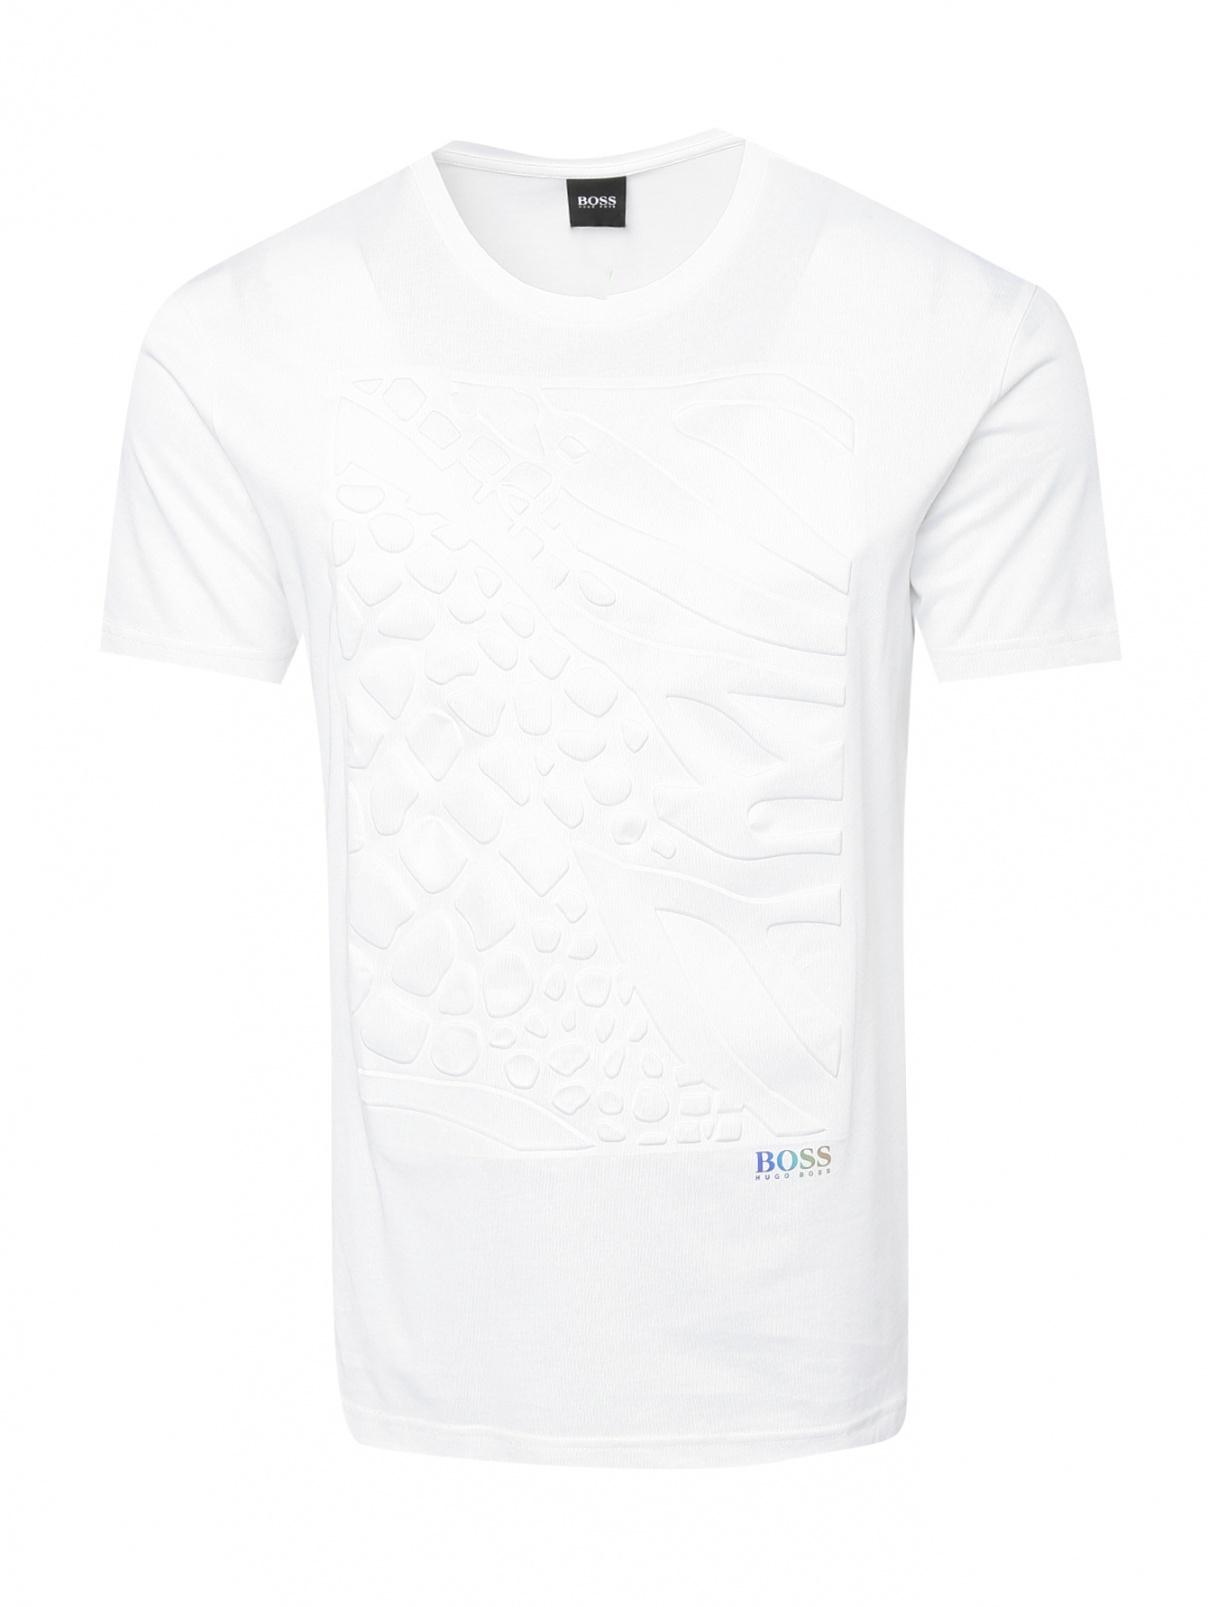 Футболка из смешанного хлопка с логотипом Boss  –  Общий вид  – Цвет:  Белый